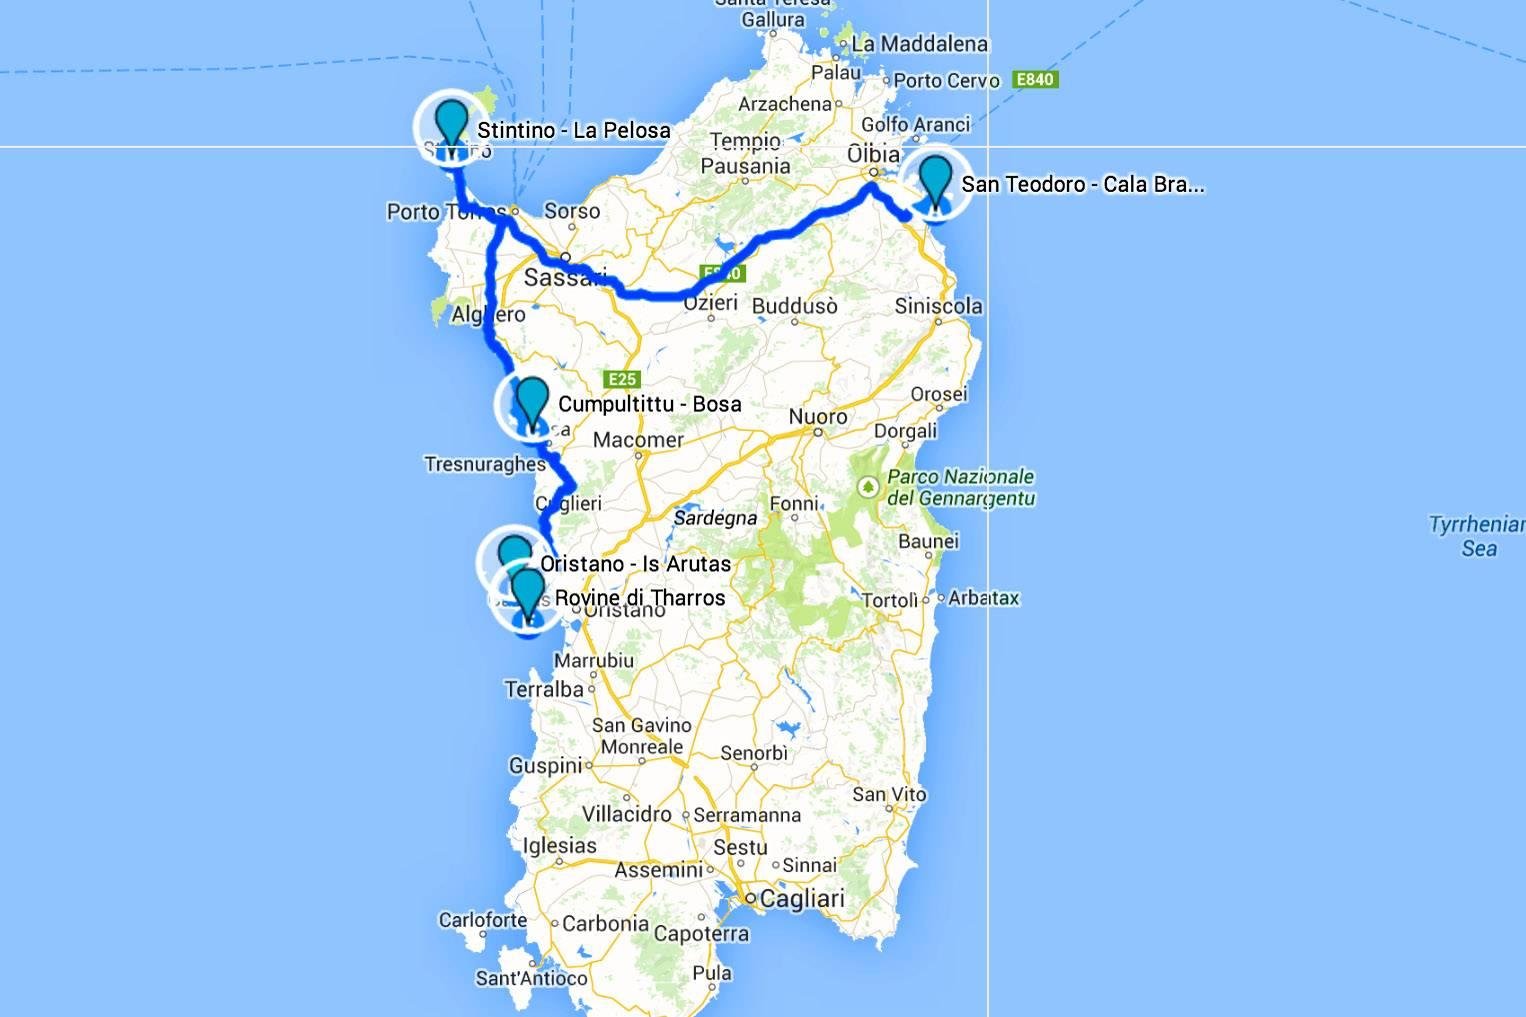 Остров сардиния: местоположение, природные условия, достопримечательности, фото